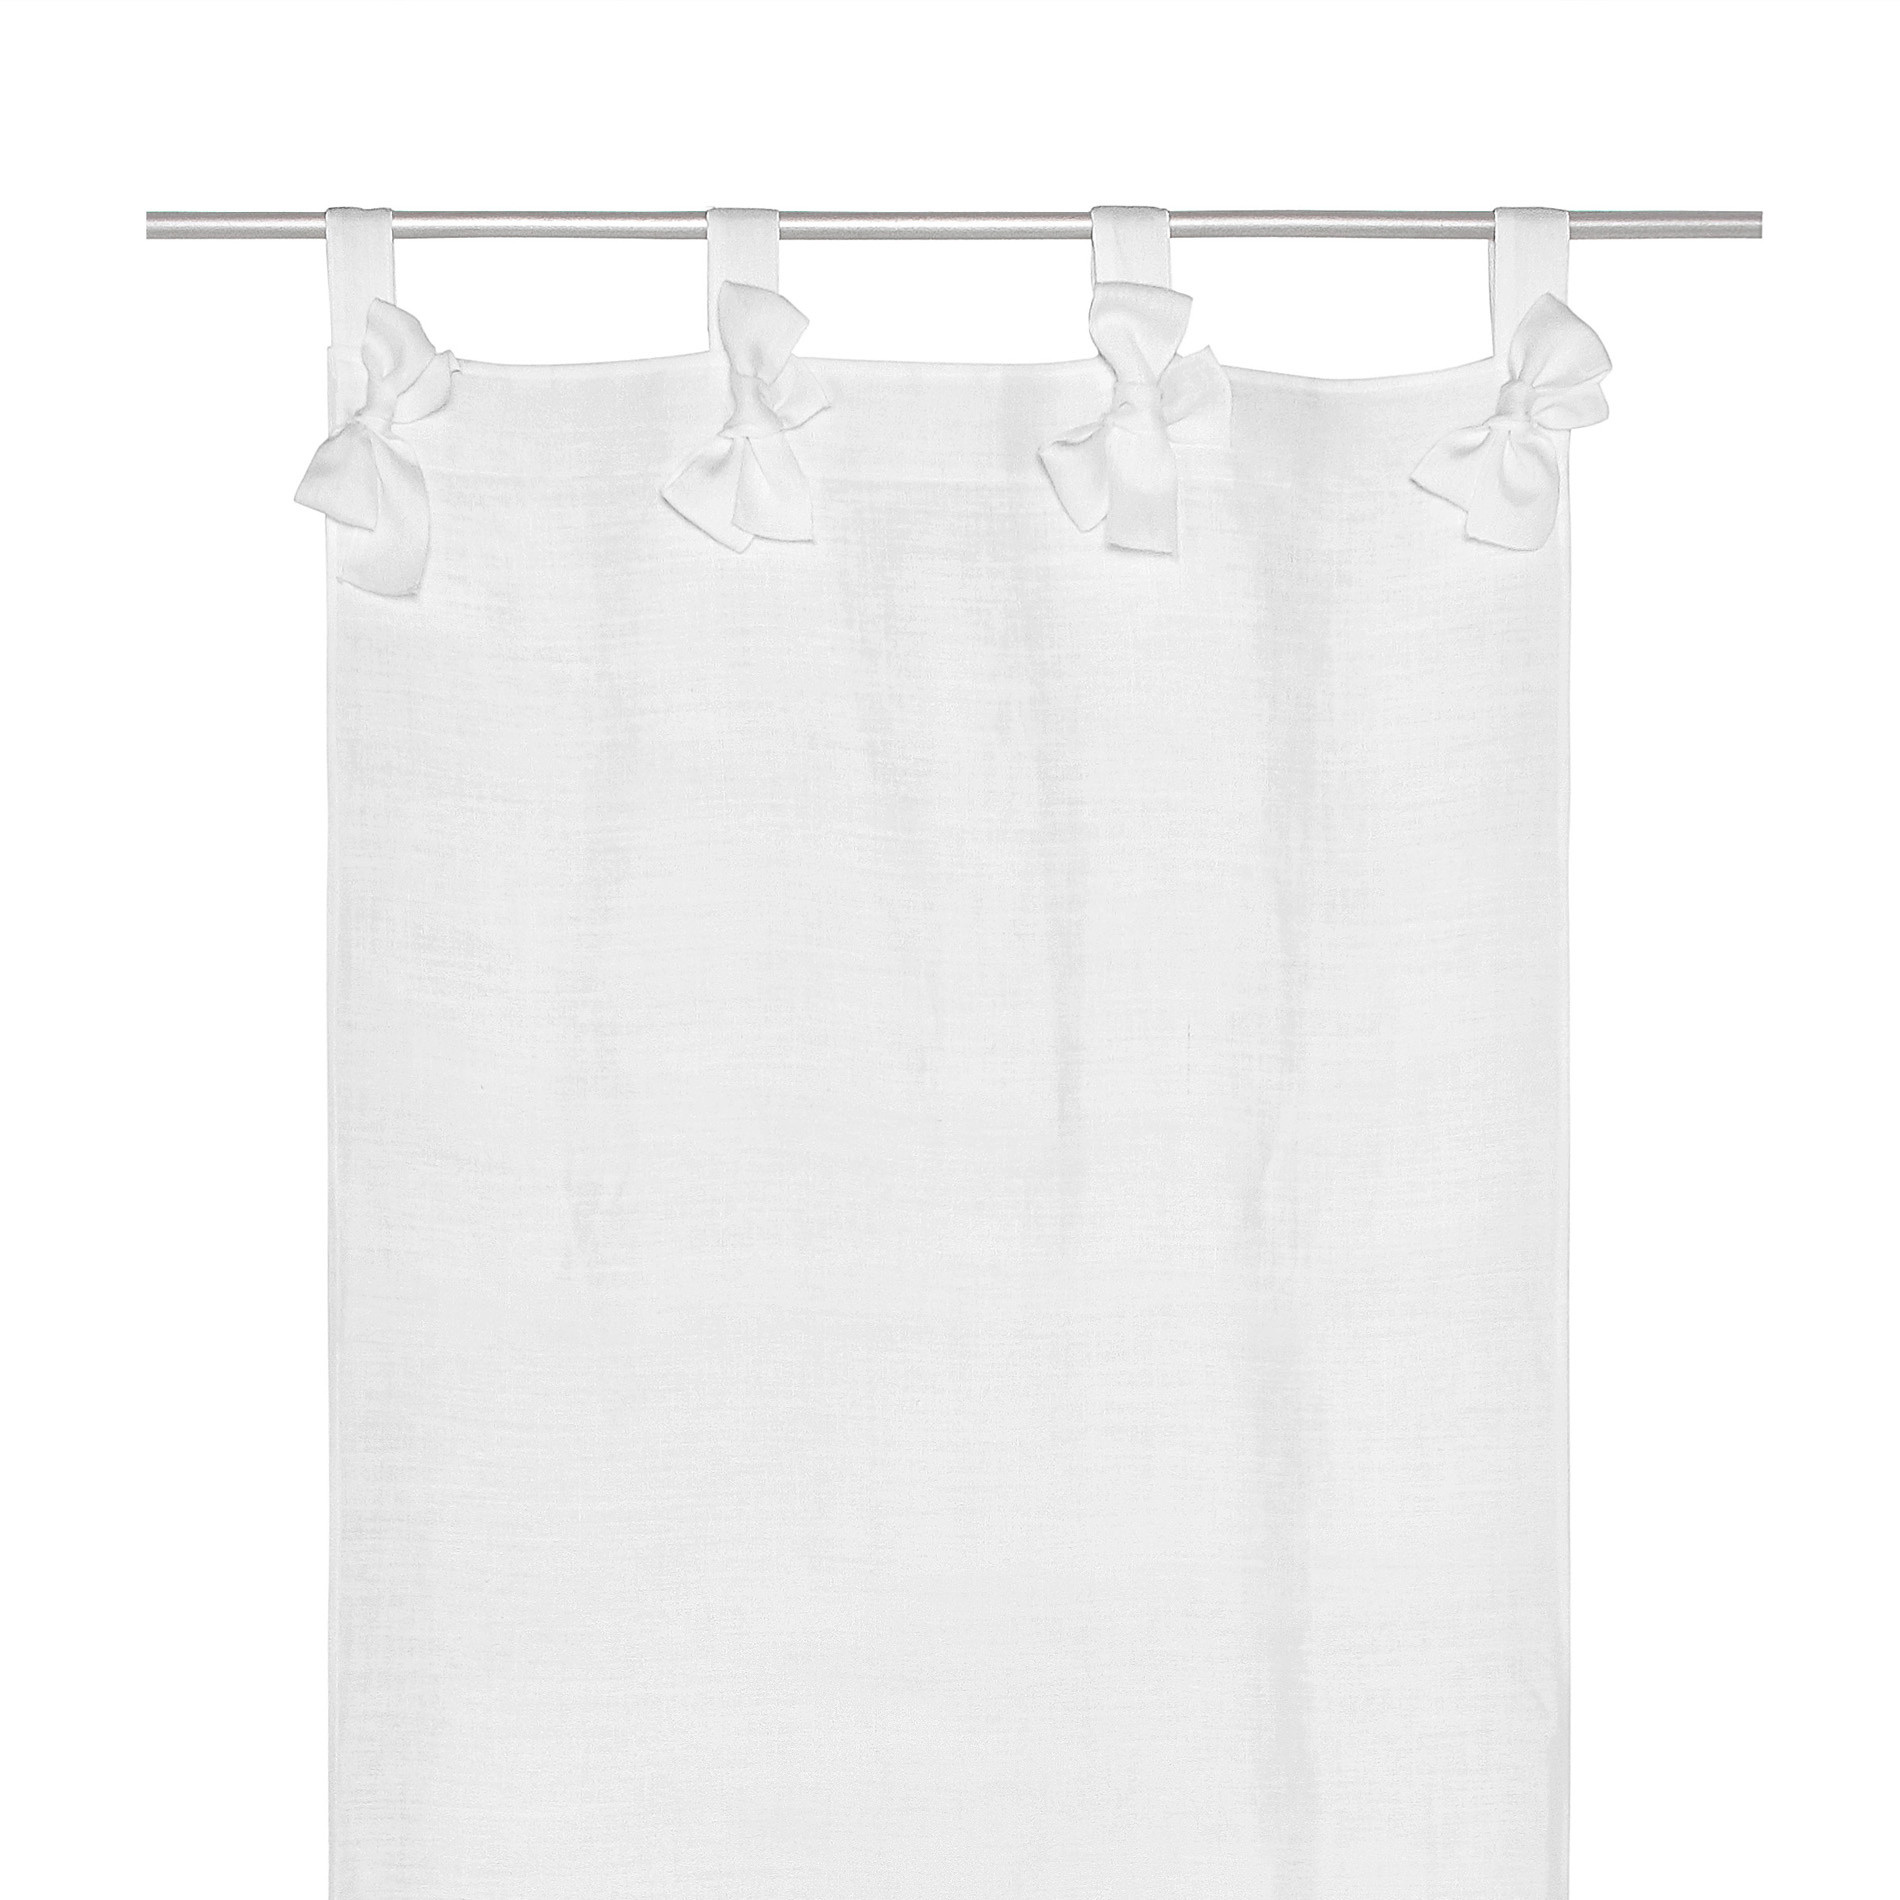 Tendina misto lino con fiocchetti, Bianco, large image number 0